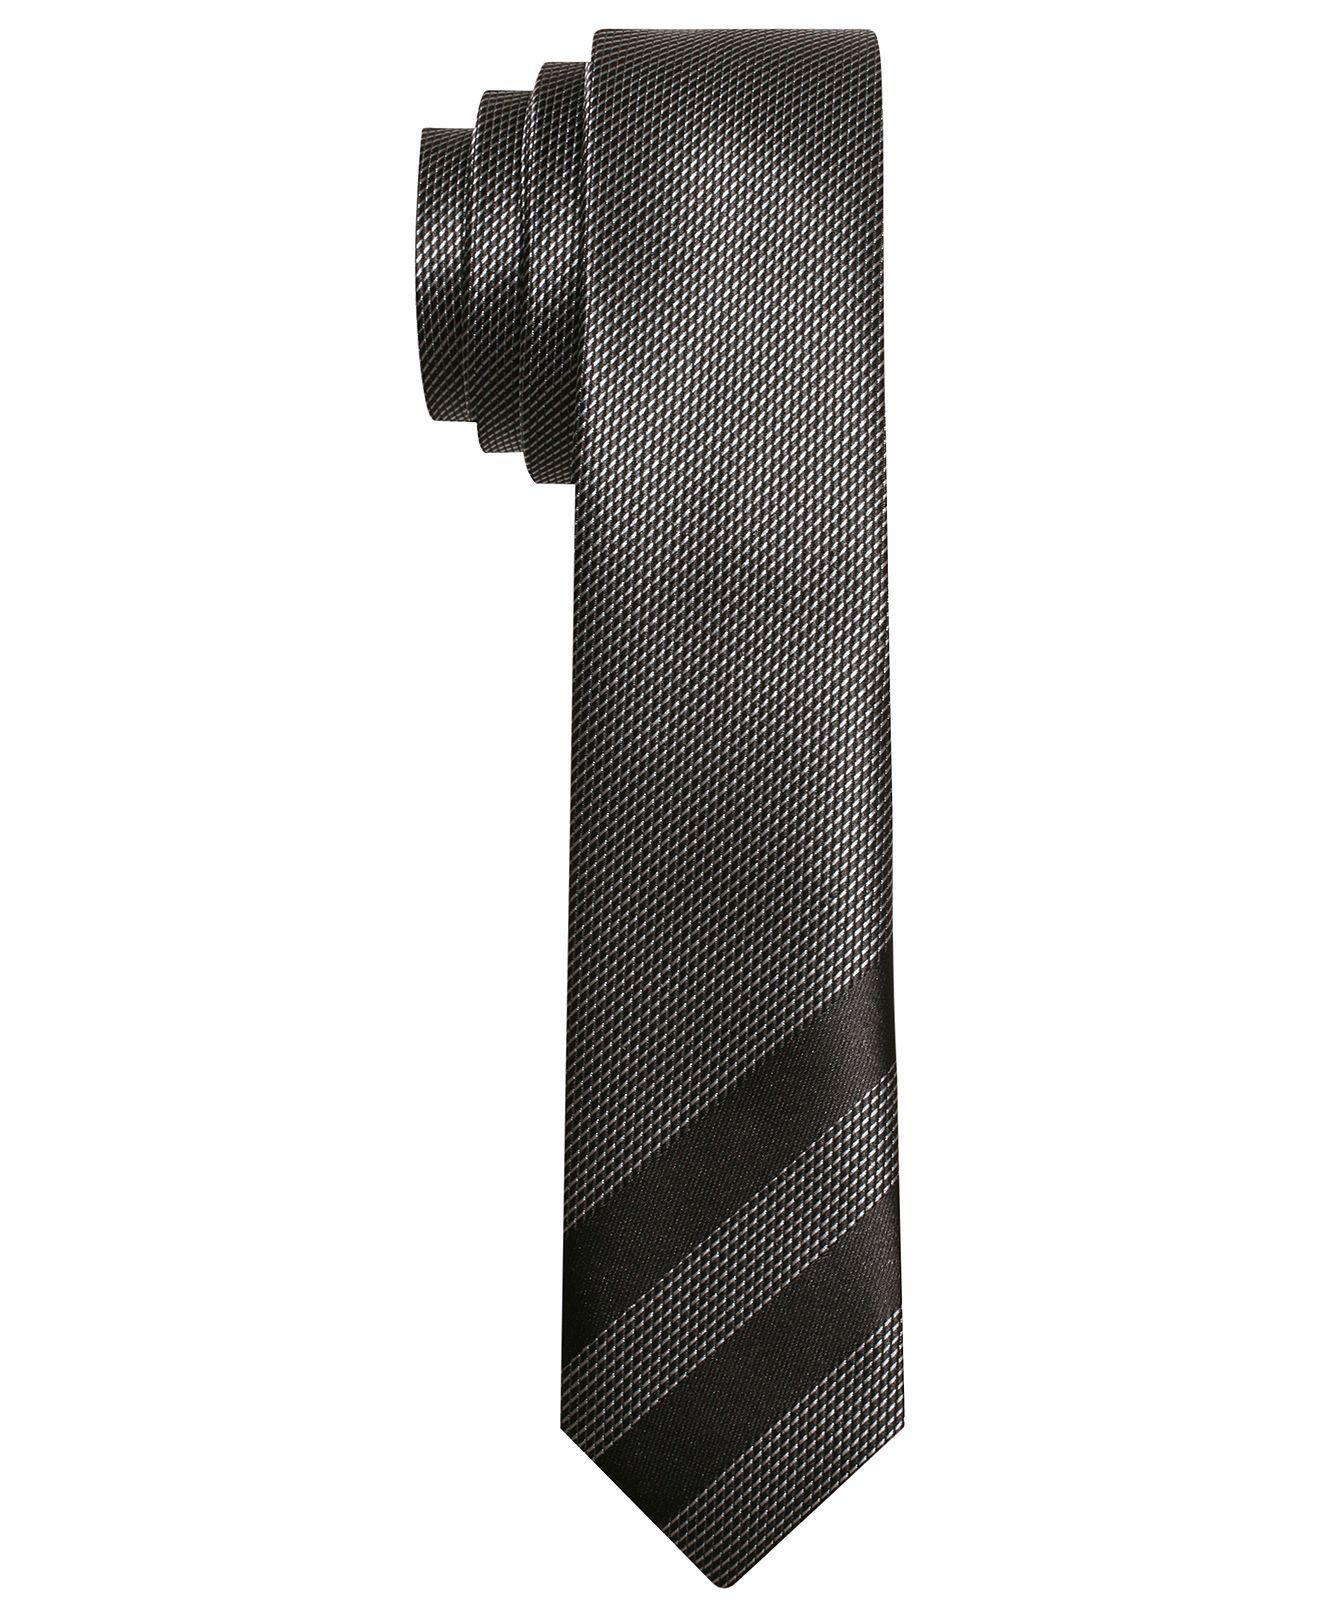 Alfani RED Tie, Viper Pane Skinny Tie - Mens Ties - Macy's ...